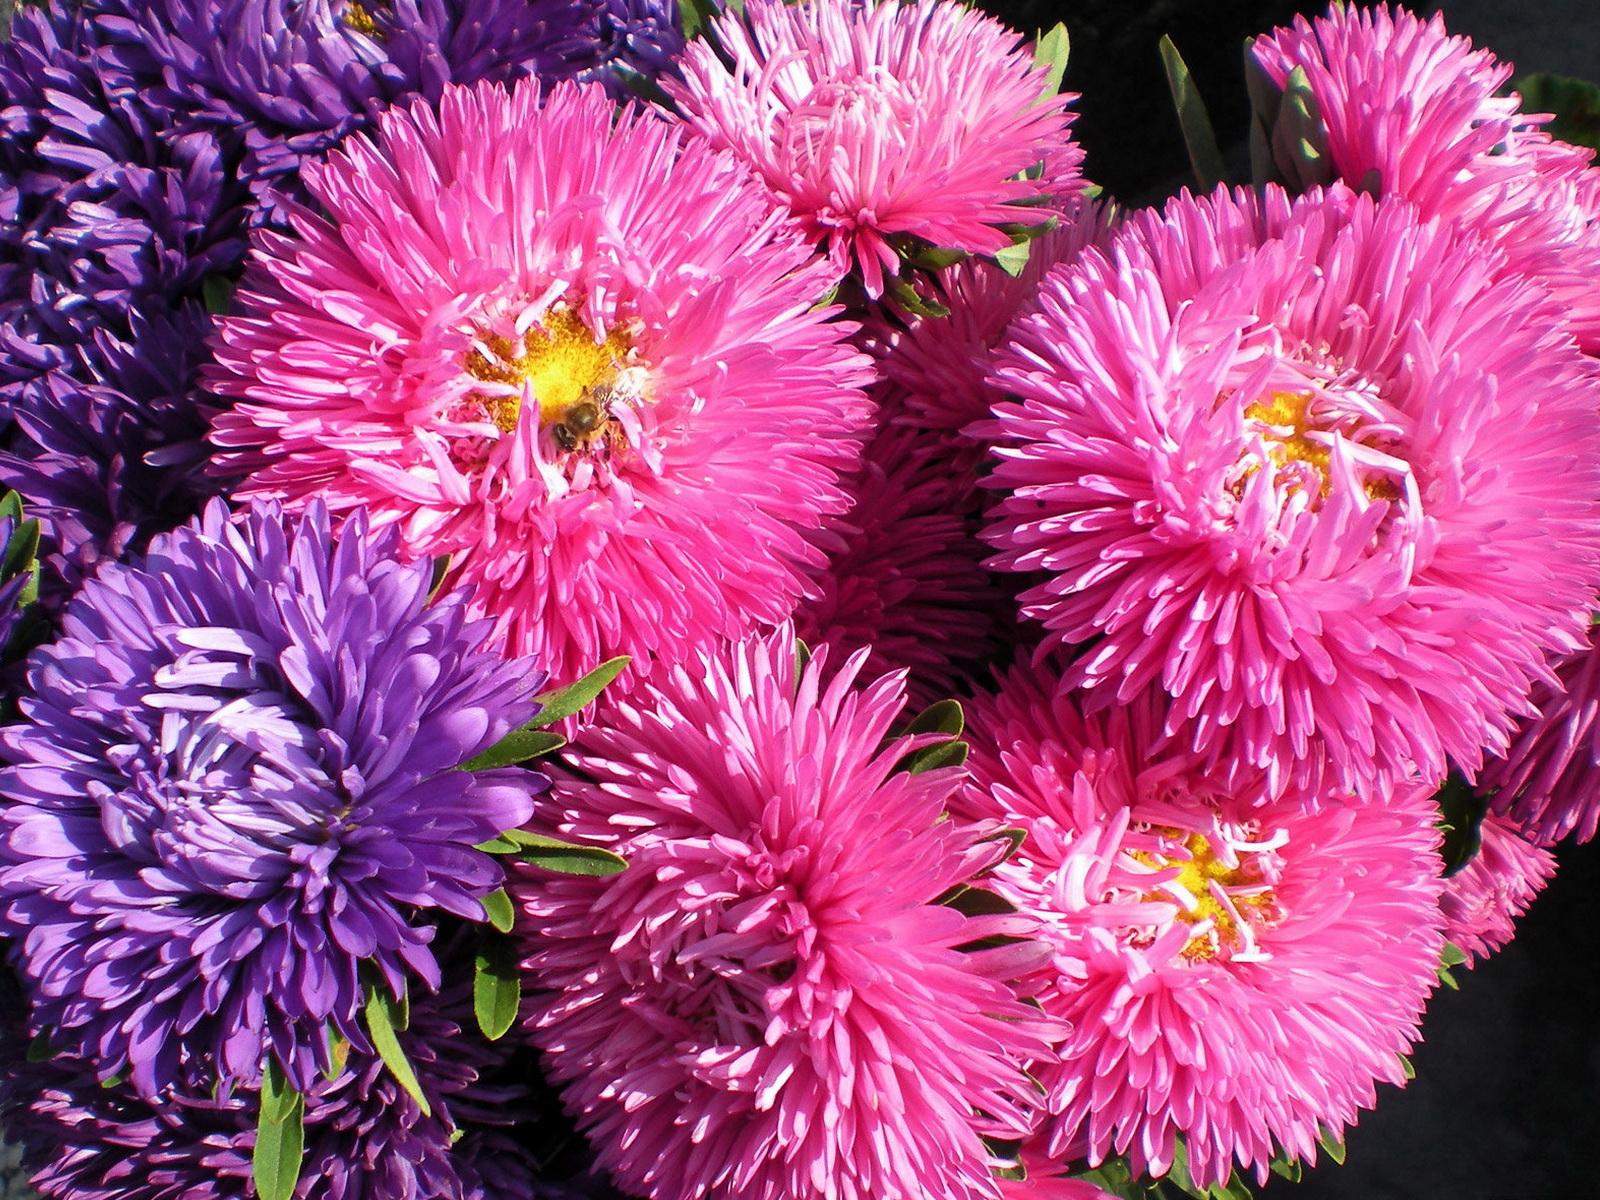 Фото цветов с анимацией